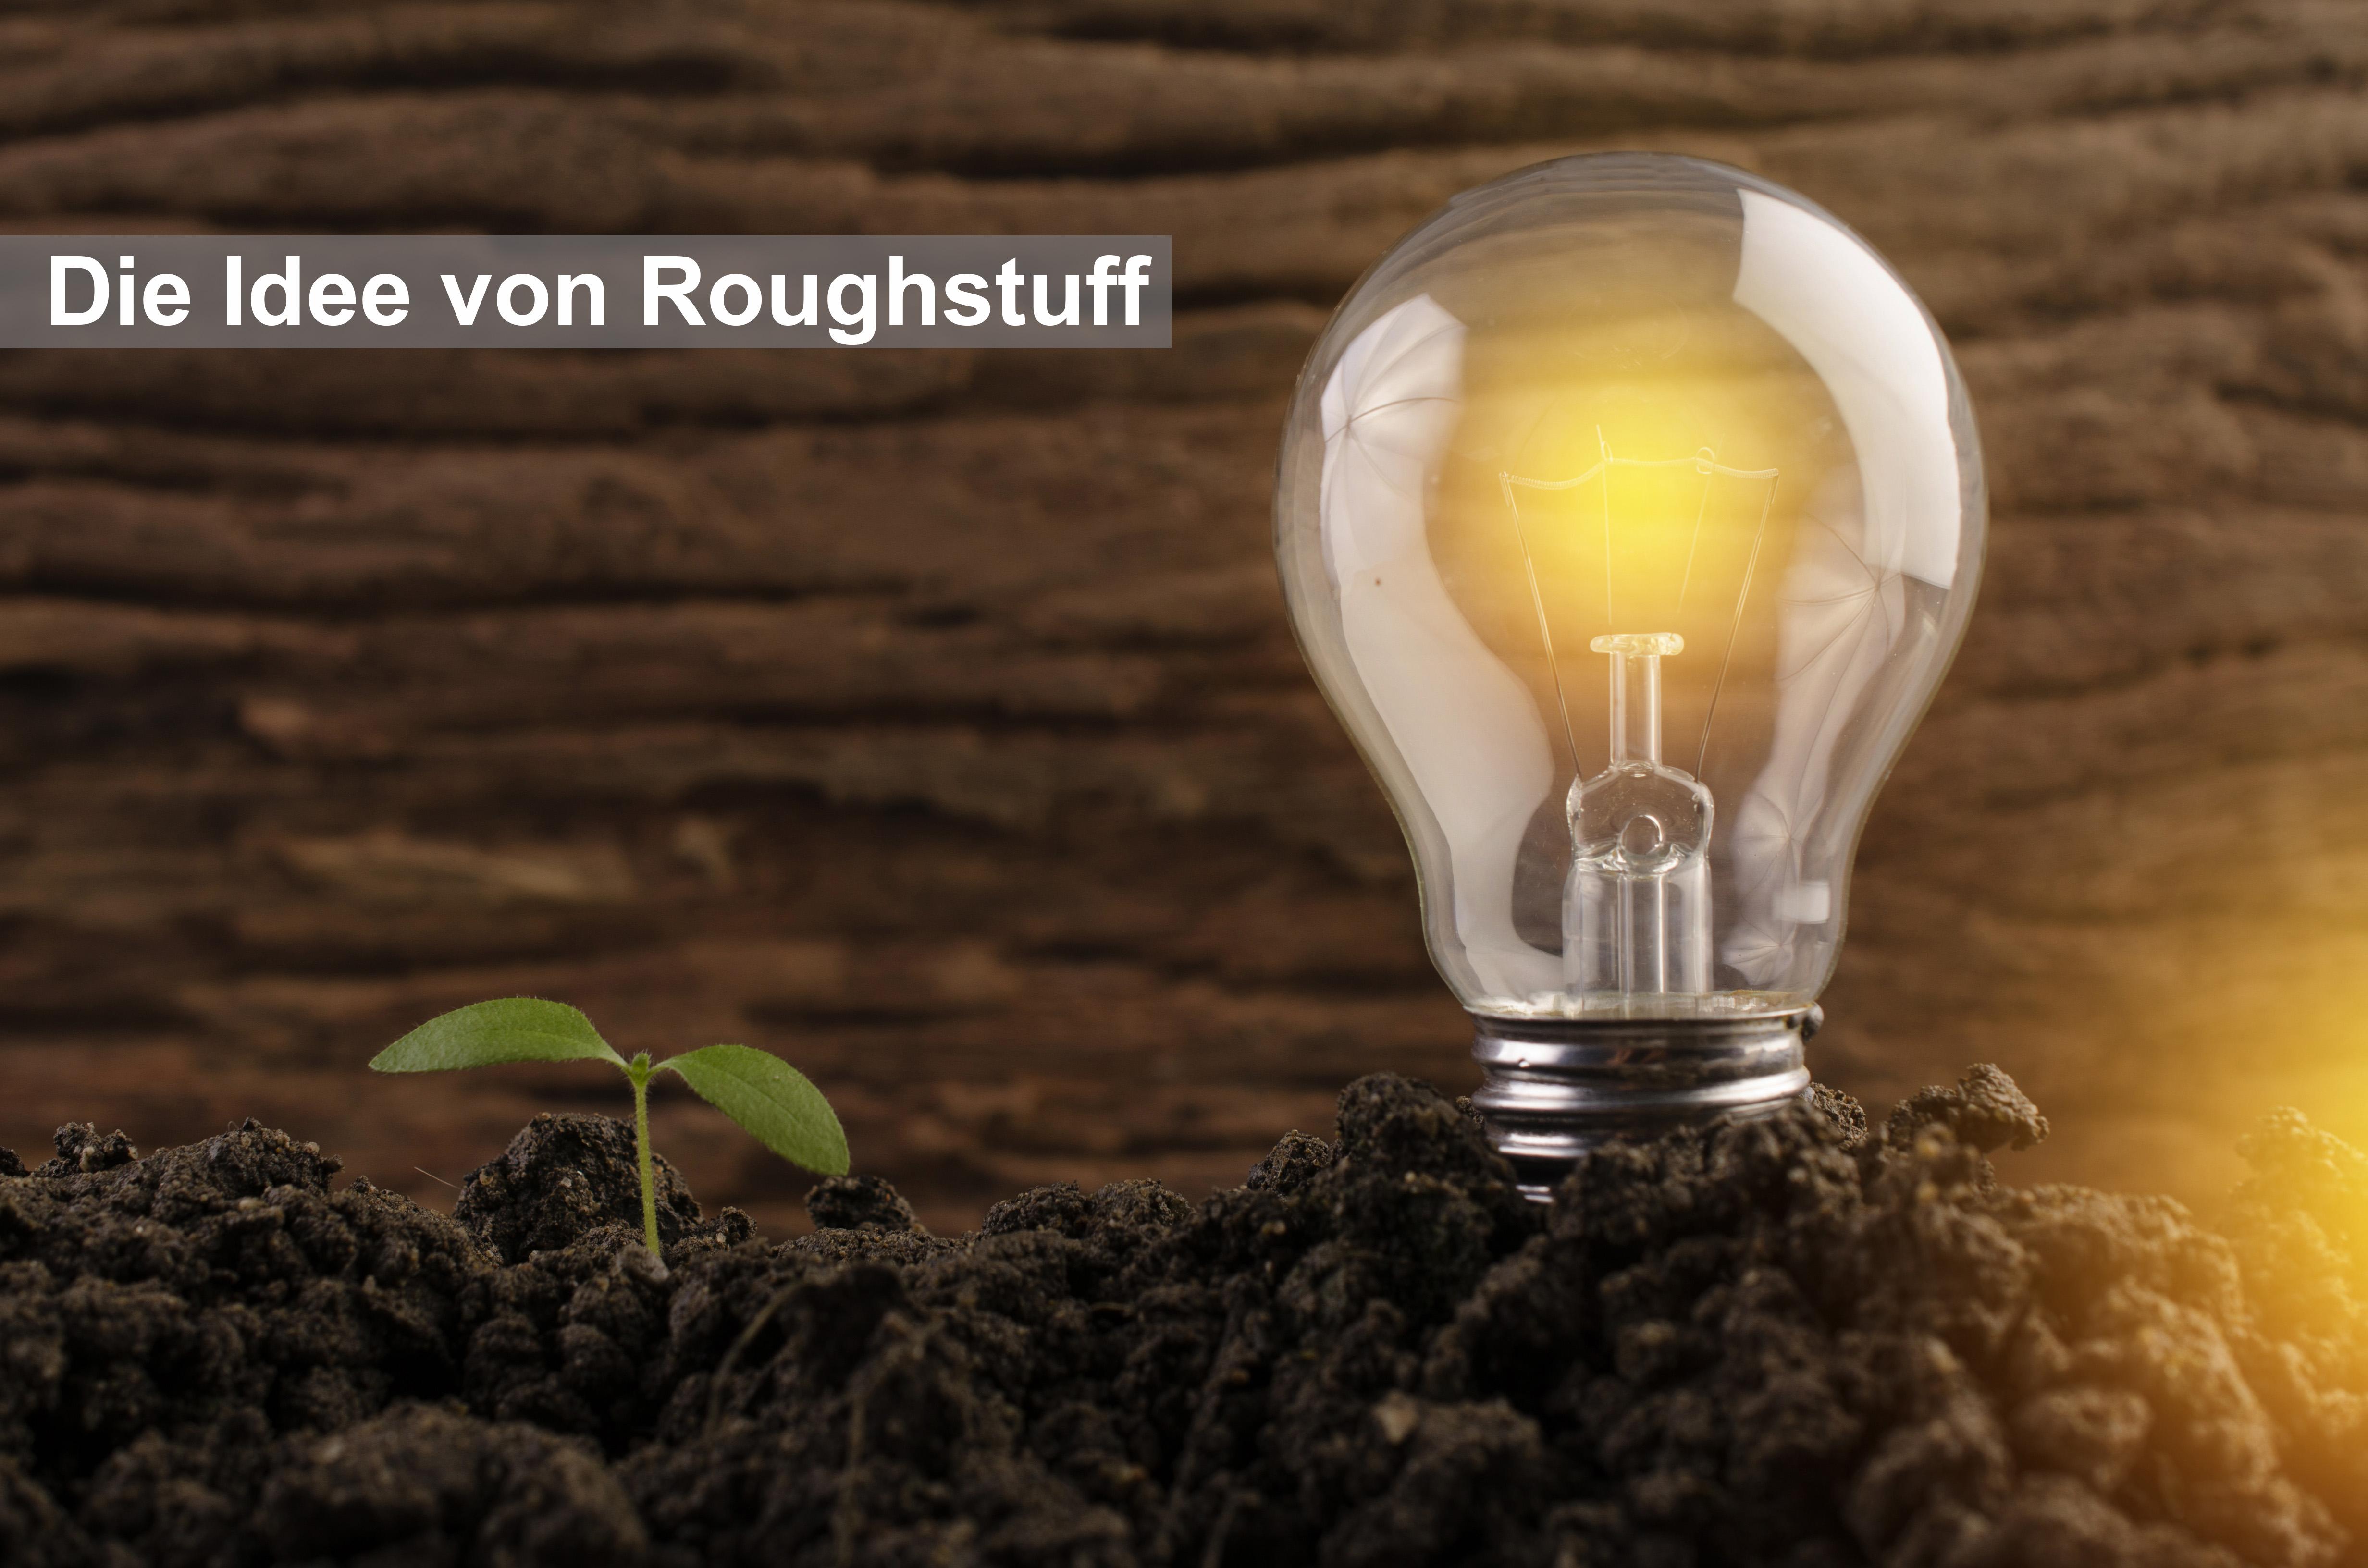 Die-Idee-von-Roughstuff